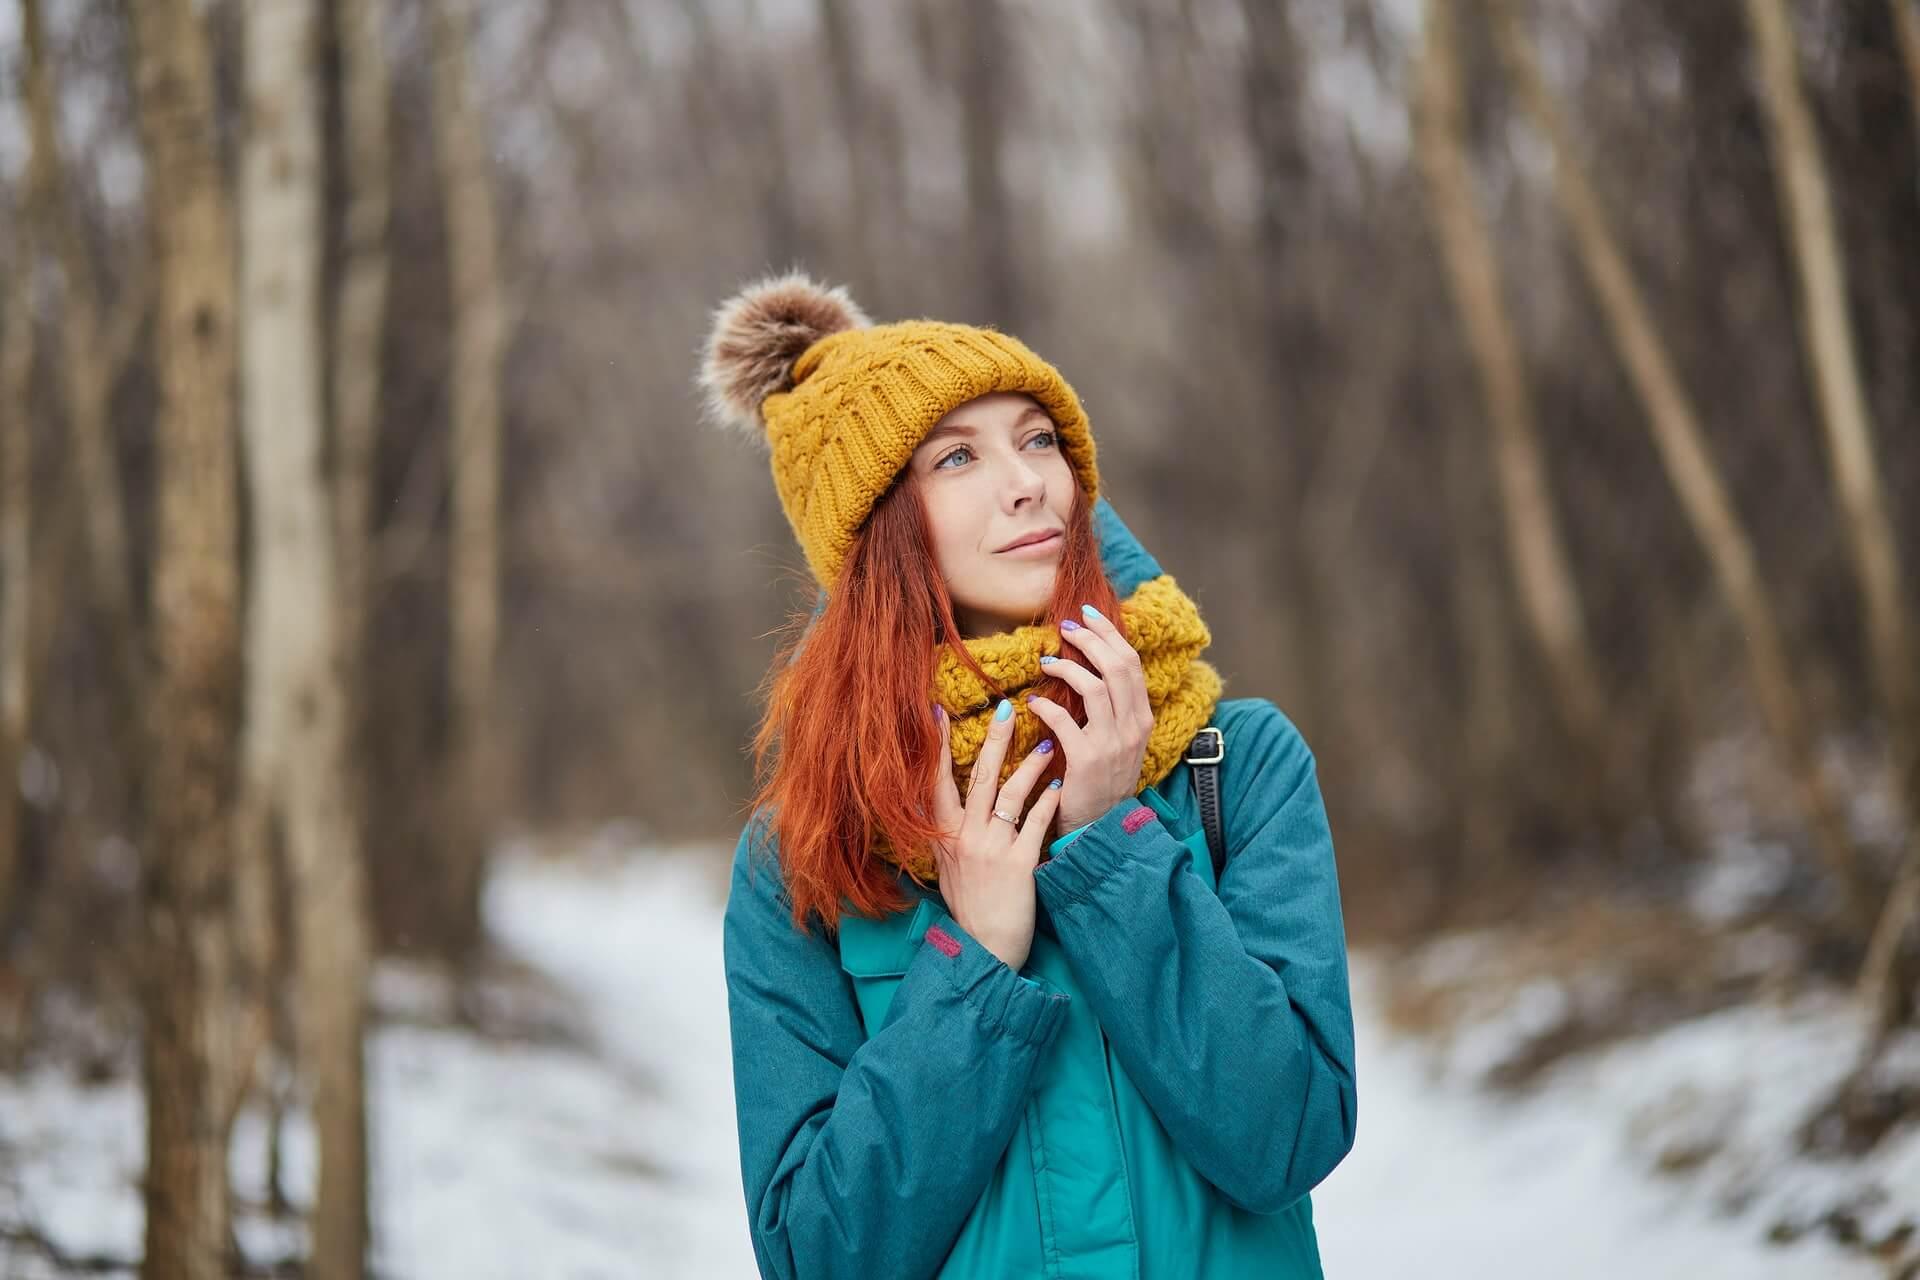 Winter Stylish clothing